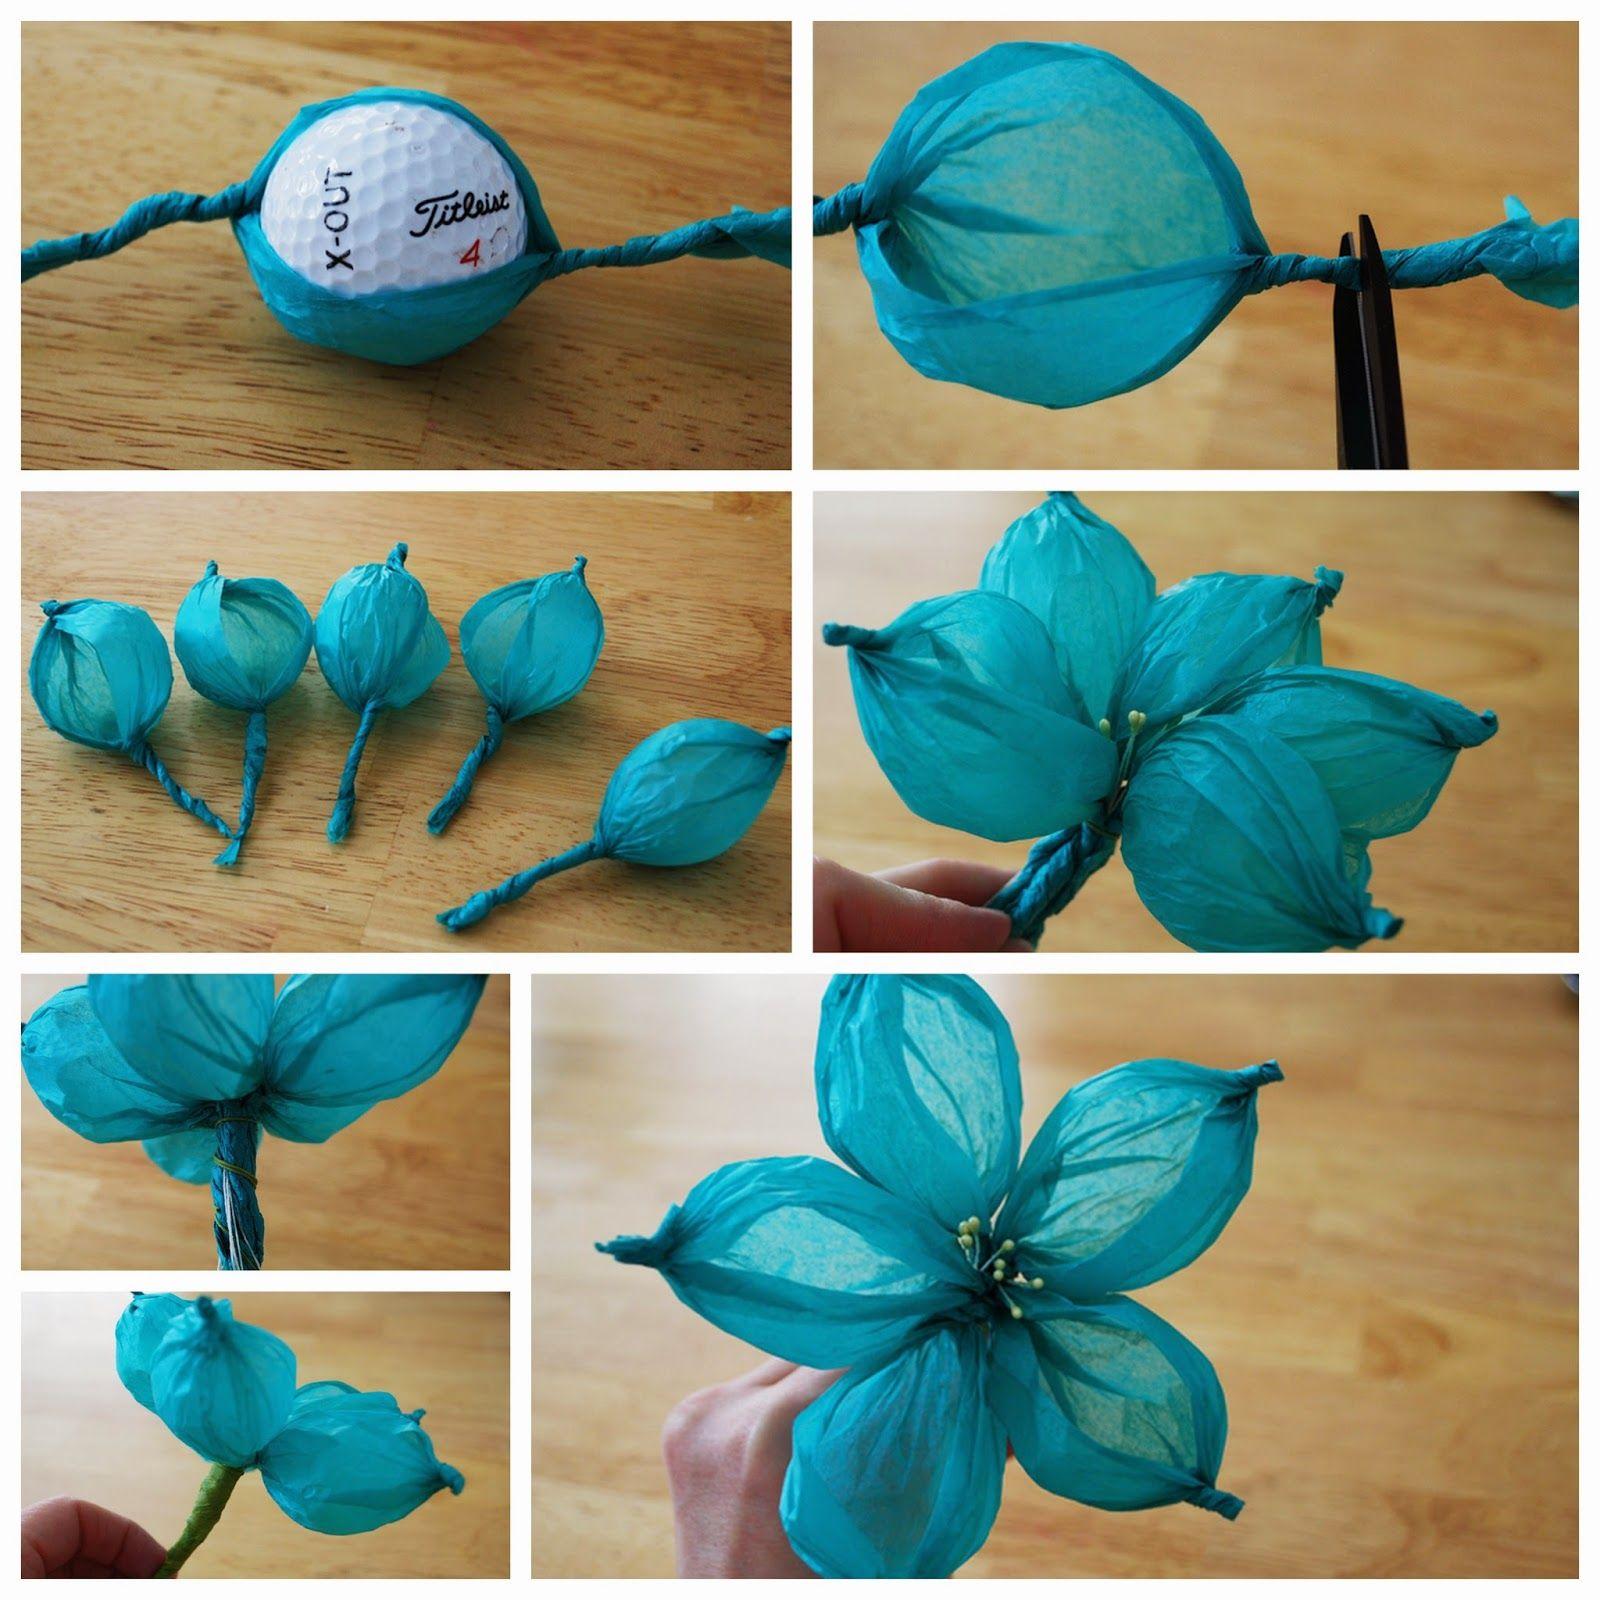 Manualidades con papel hermosa flor de seda un mundo de manualidades manualidades papel - Manualidades con papel craft ...